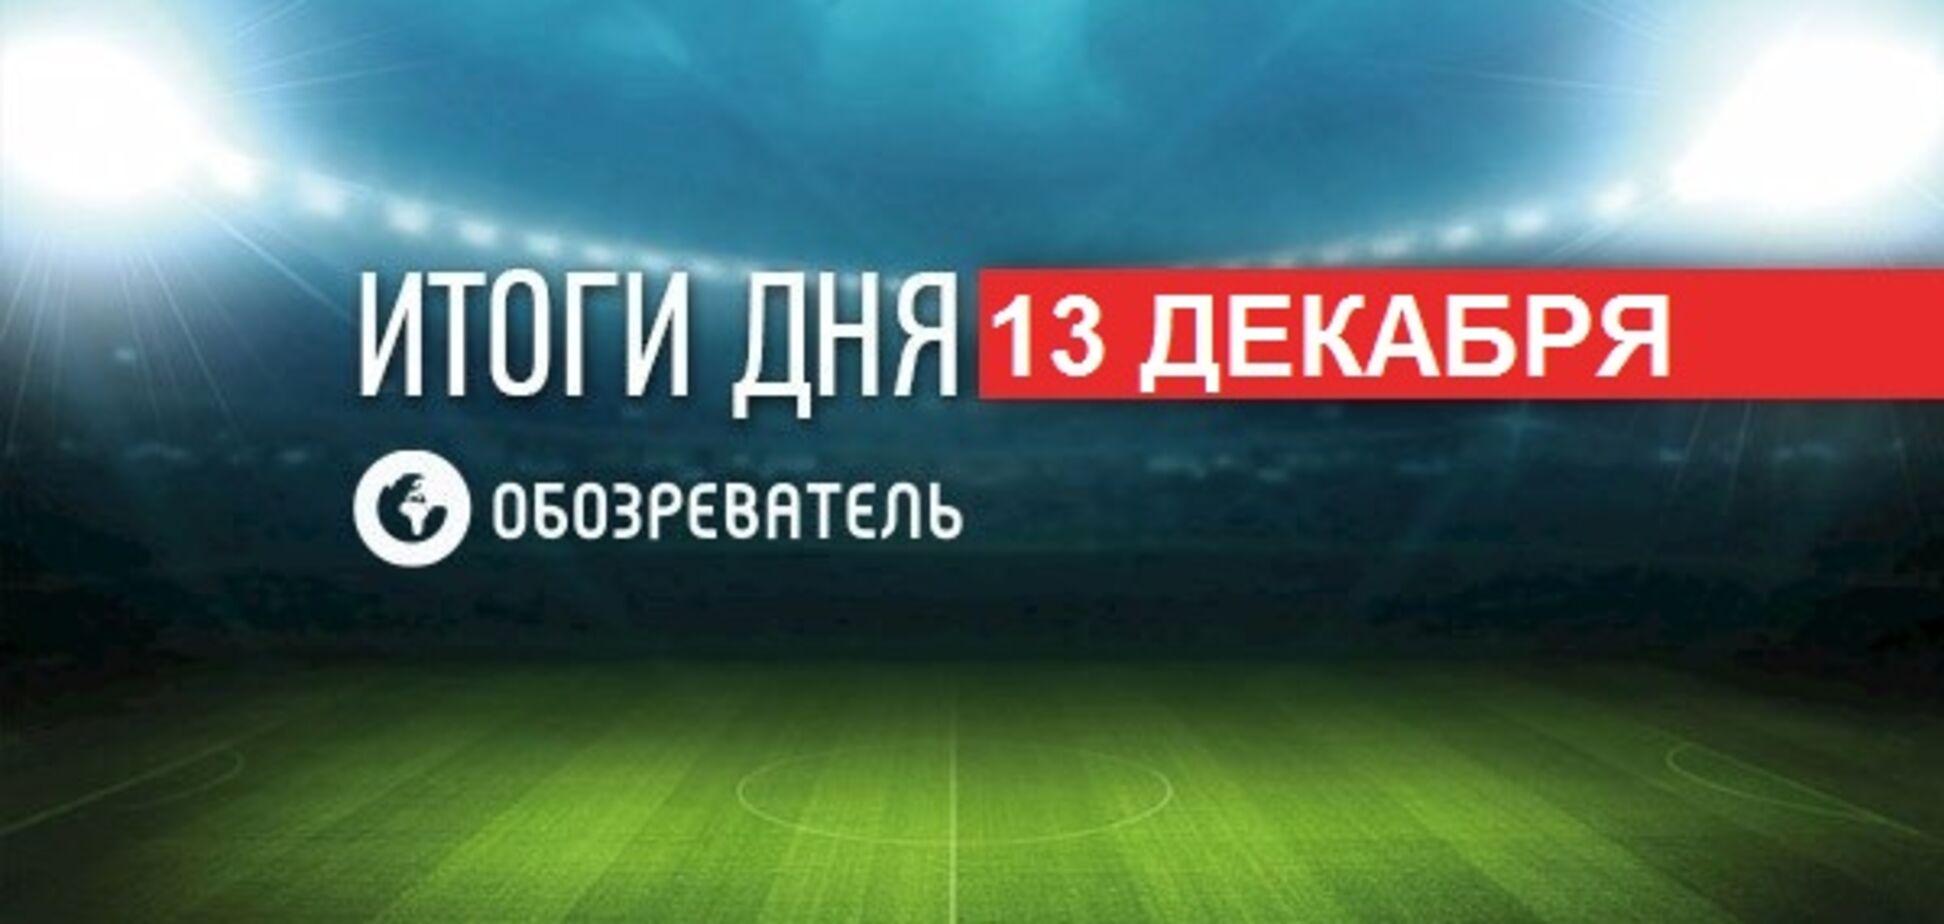 Відео оголеною Світоліної стало хітом мережі: спортивні підсумки 13 грудня